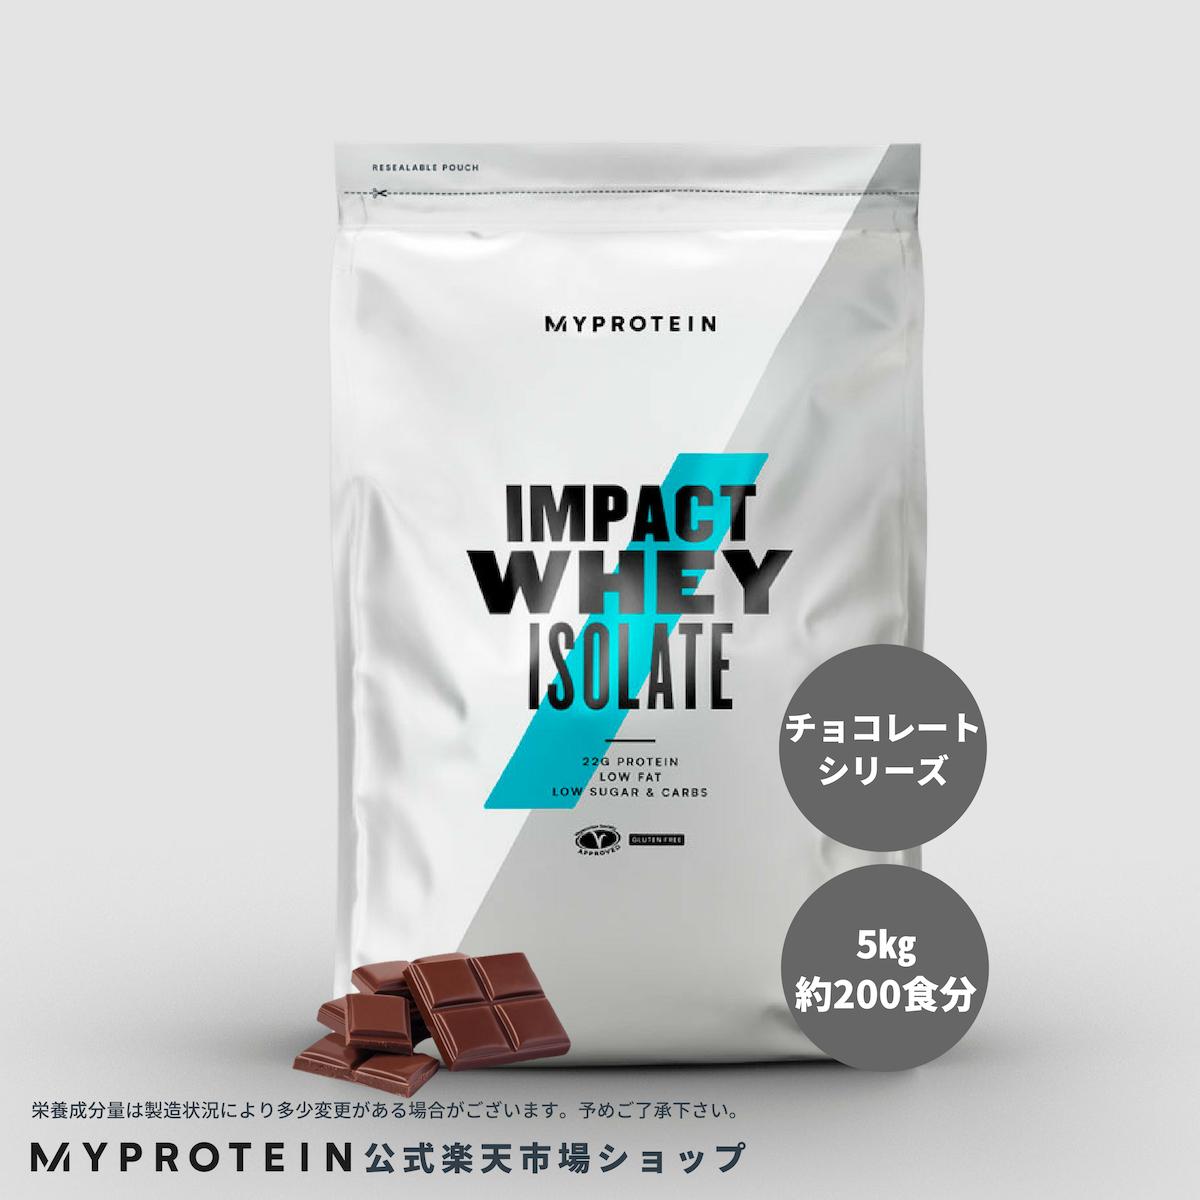 マイプロテイン 公式 【MyProtein】 Impact ホエイ アイソレート(WPI)(チョコレートシリーズ) 5kg 約200食分| プロテイン ホエイ ホエイプロテイン ダイエット ボディーメイク 低脂肪 グルタミン BCAA【楽天海外直送】